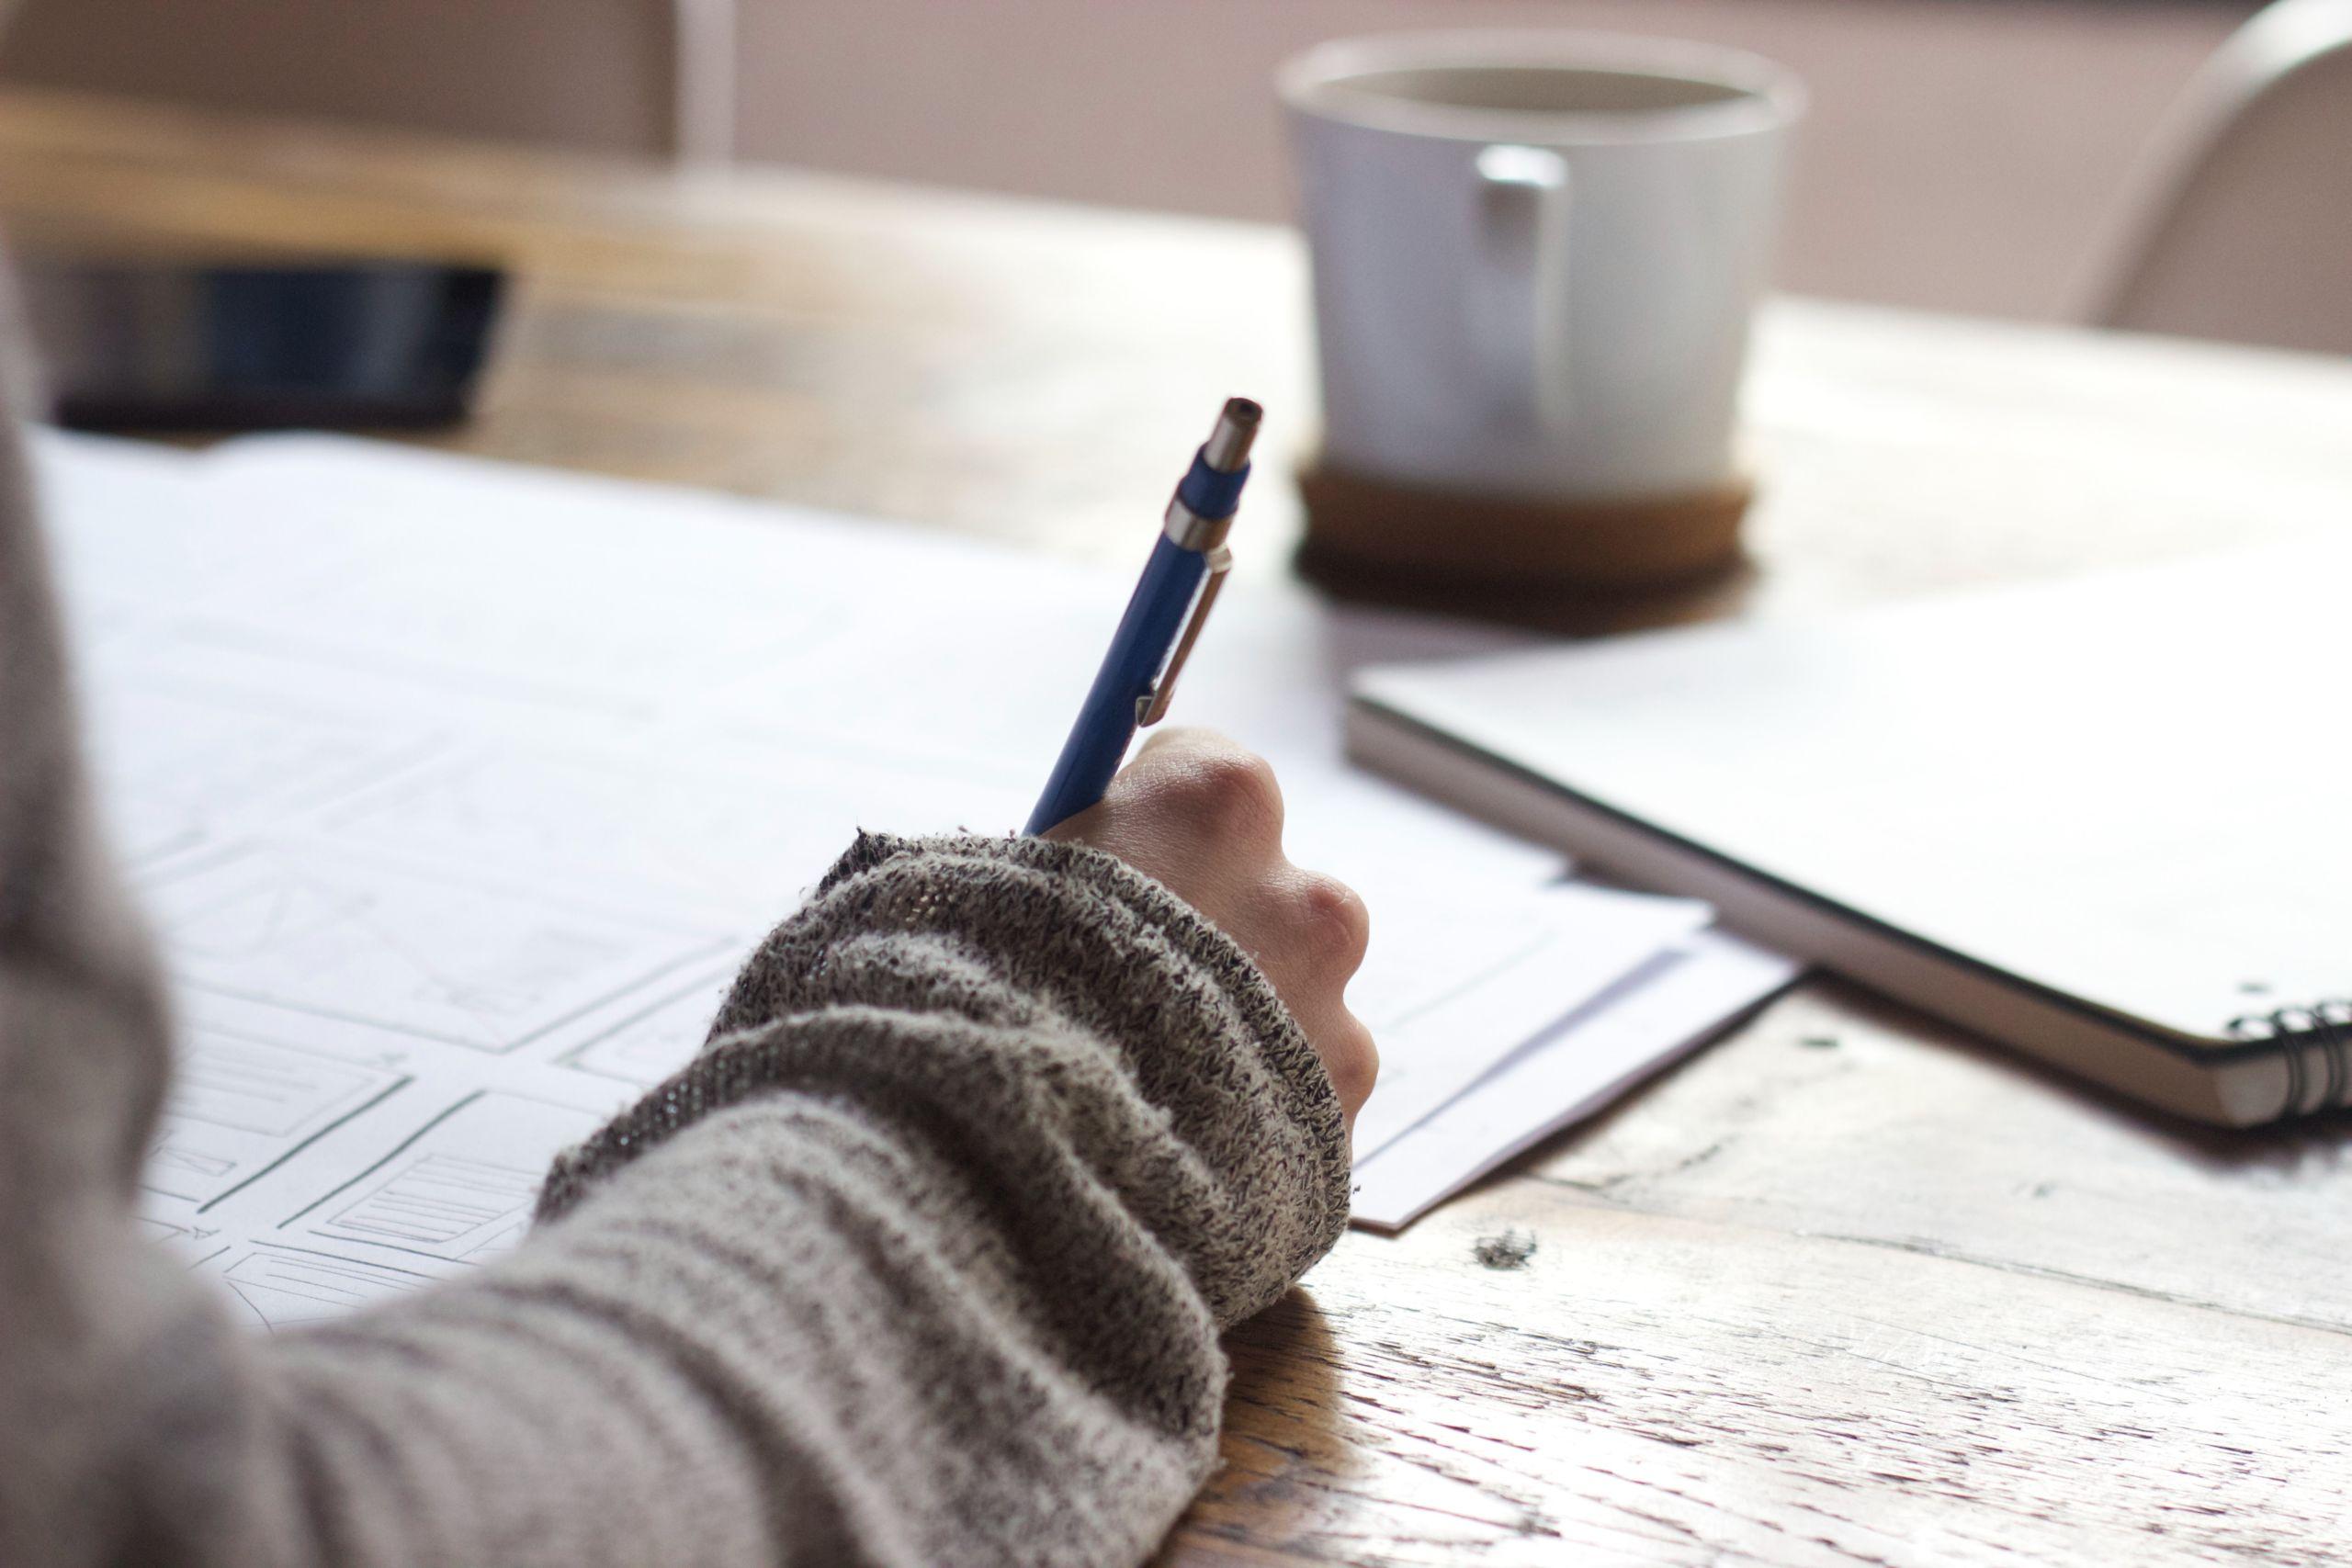 Auf einem Holztisch, liegen mehrere Blätter, ein Block und eine Tasse. Eine Person schreibt mit einem Stift auf eines der Blätter.